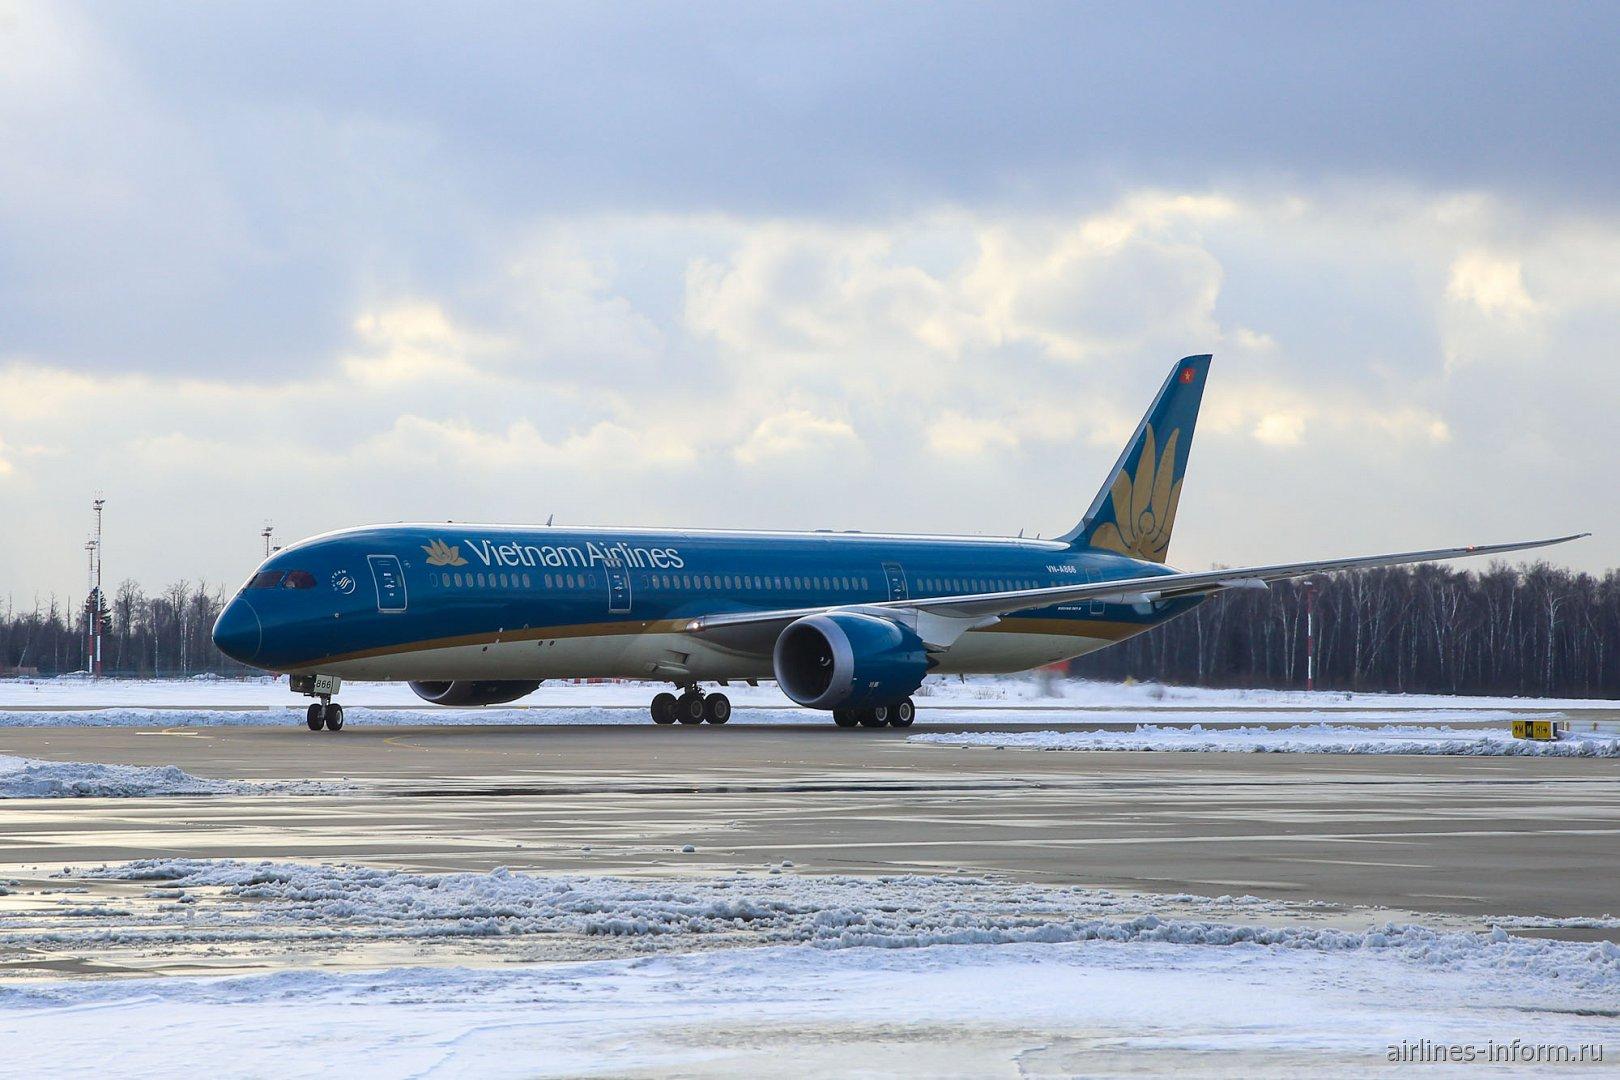 Боинг-787-9 Вьетнамских авиалиний совершил первый рейс в аэропорт Домодедово